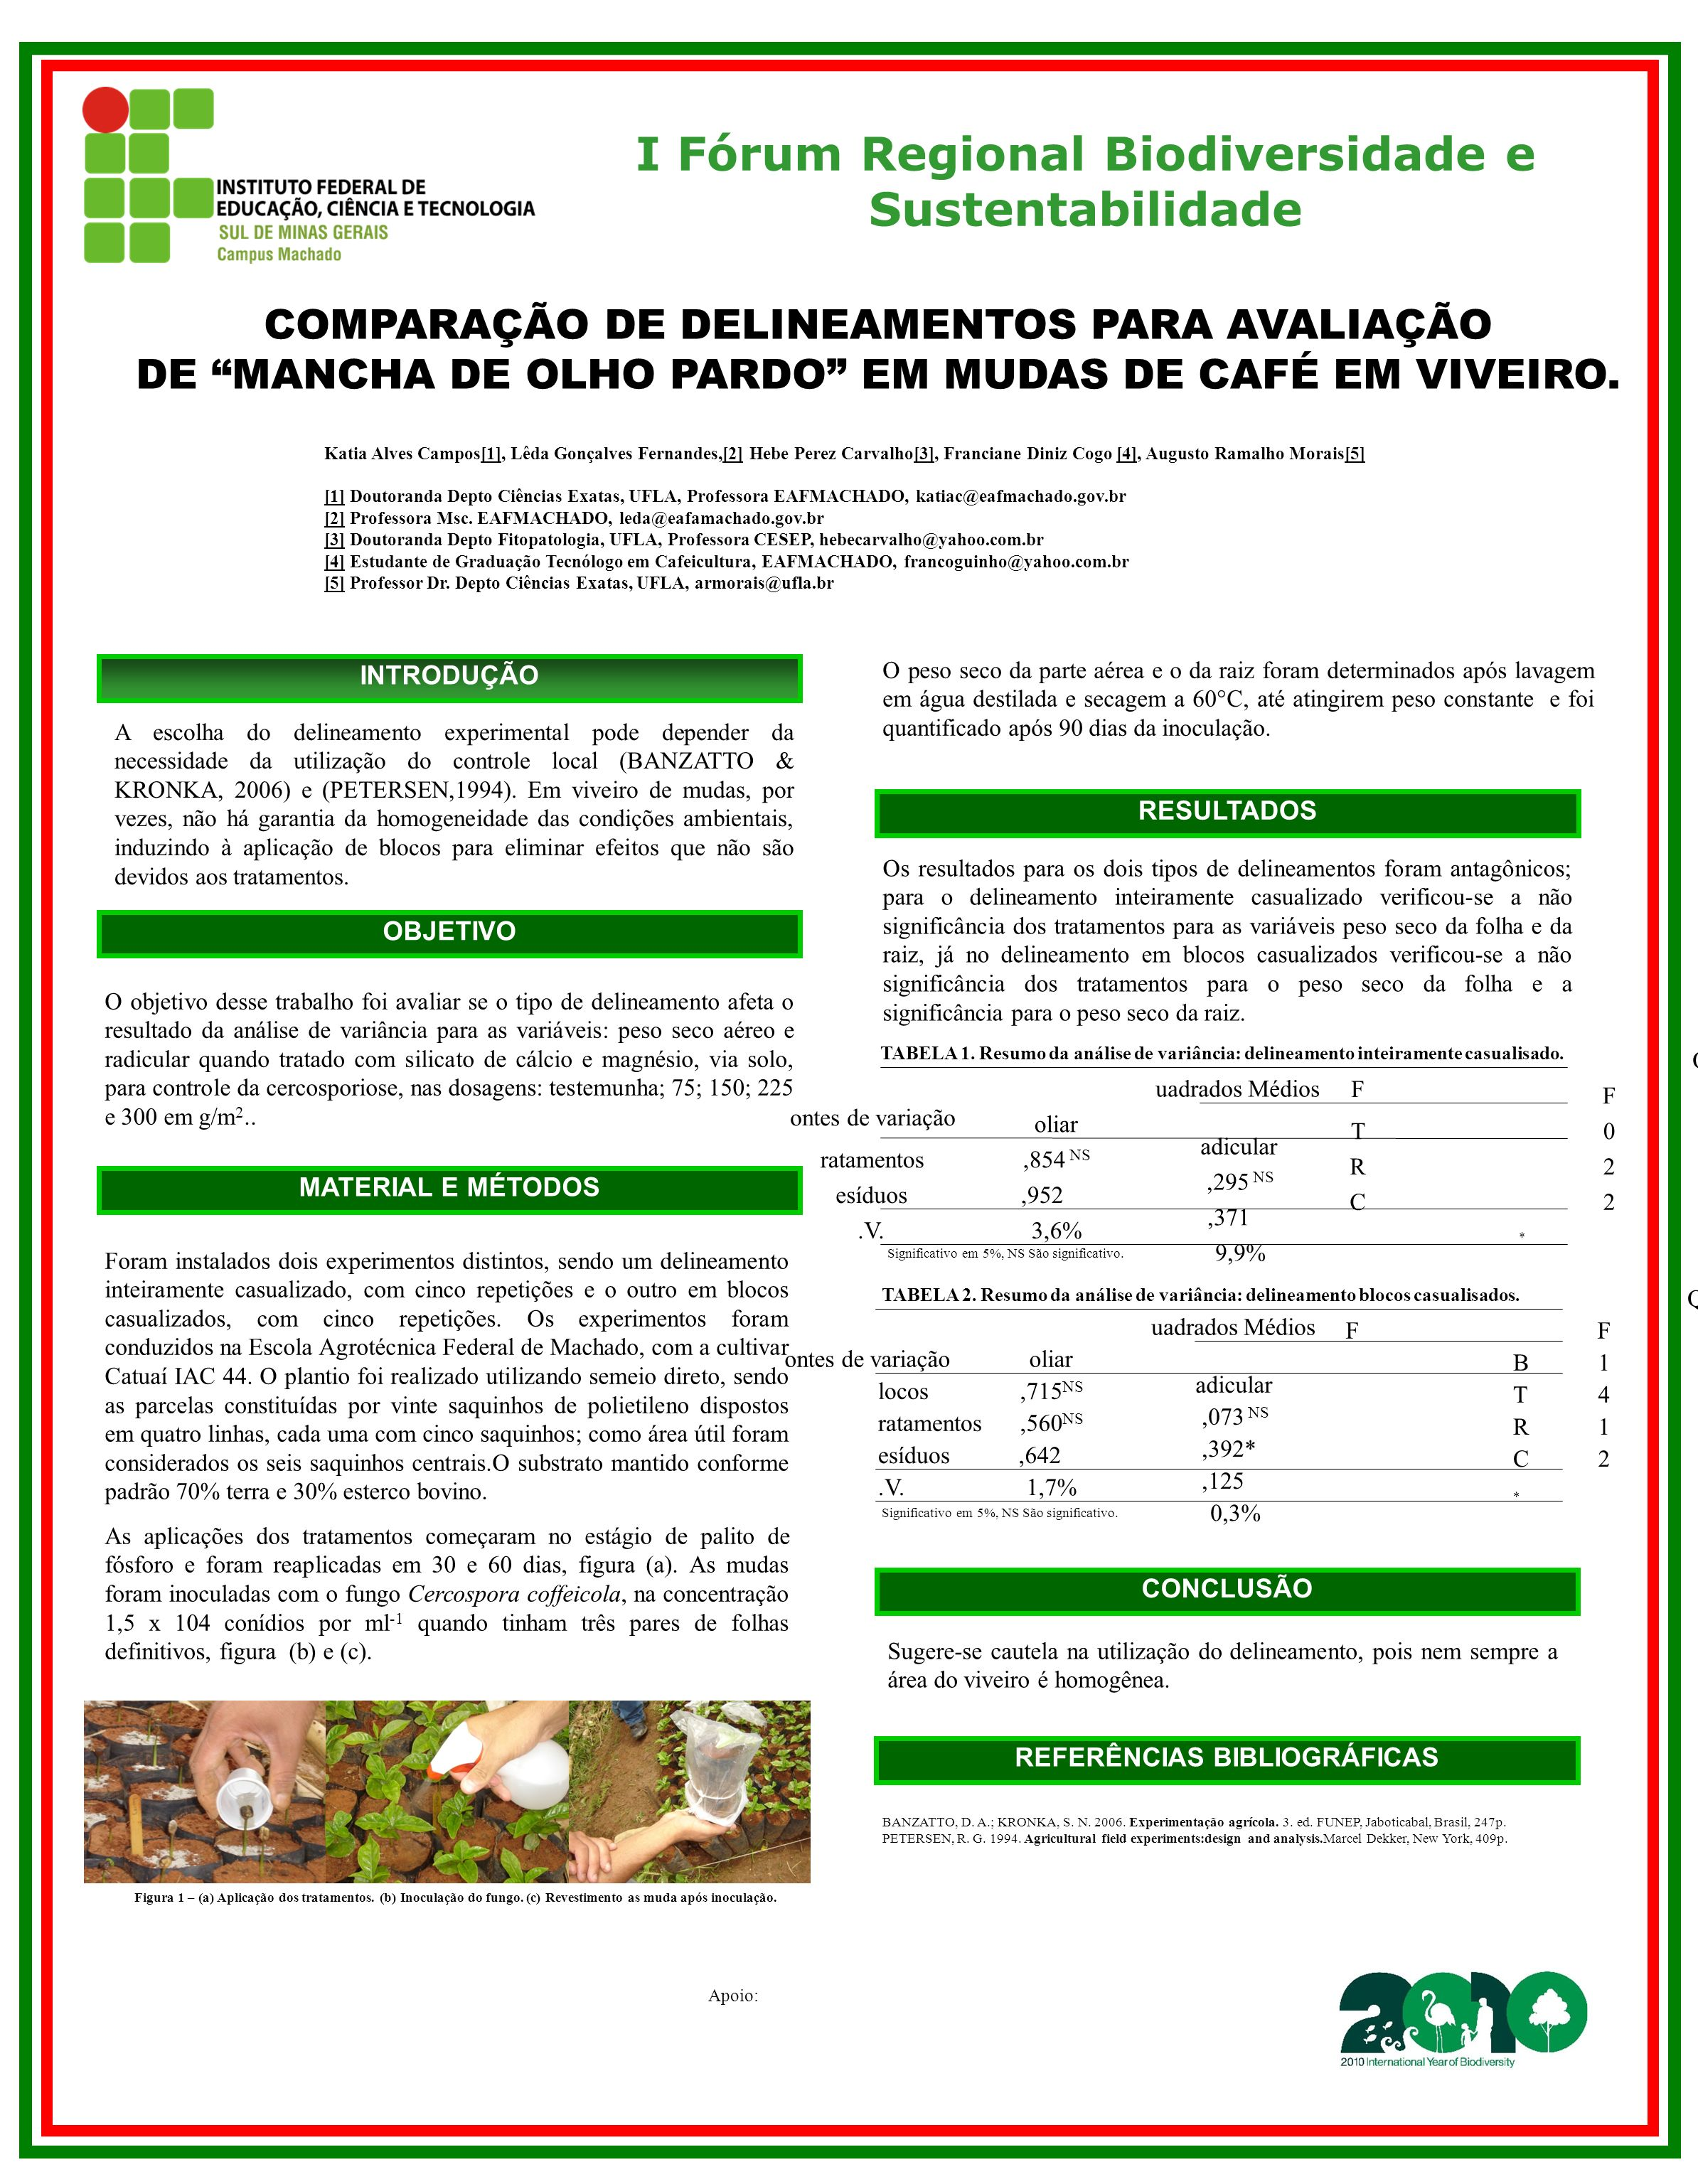 I Fórum Regional Biodiversidade e Sustentabilidade